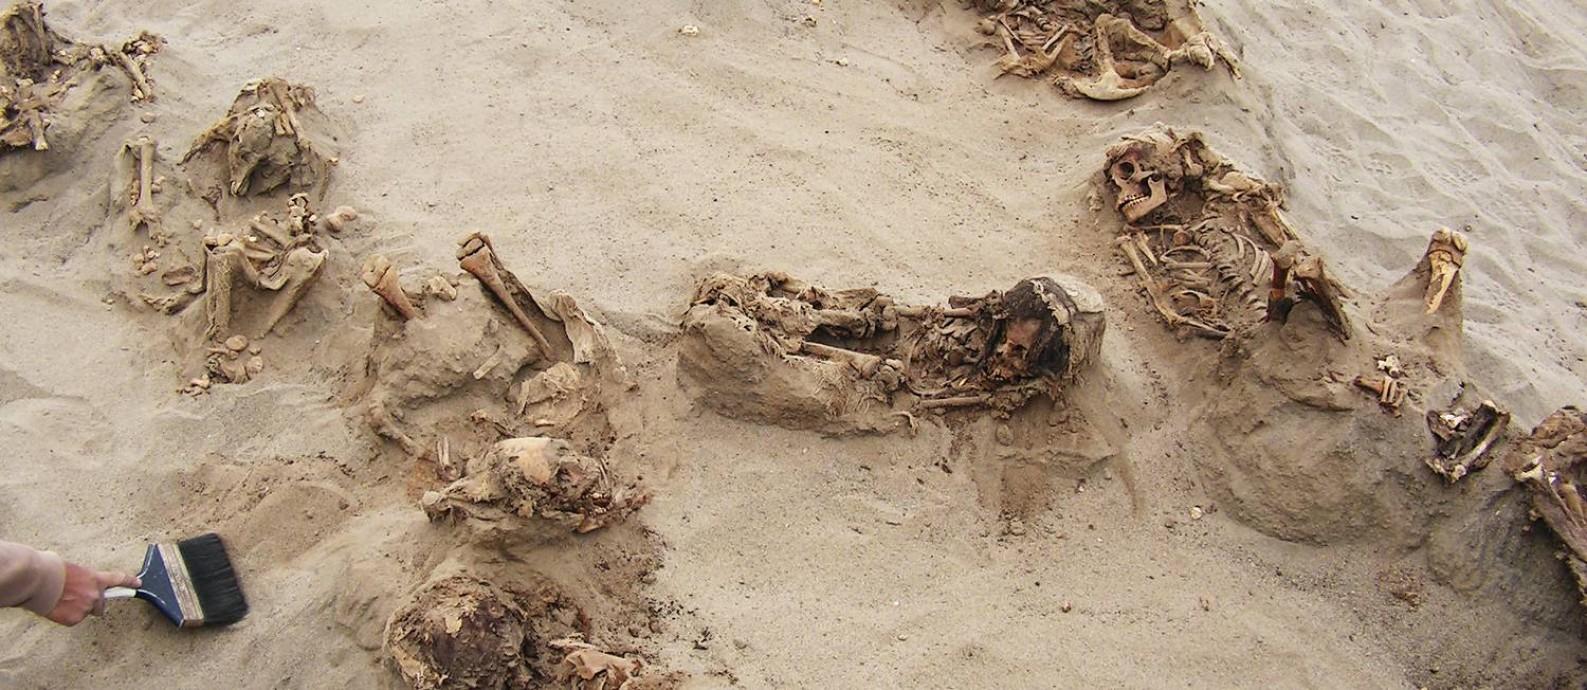 Arqueólogos encontraram 140 corpos de crianças sacrificadas em ritual há 550 anos Foto: National Geographic / Gabriel Prieto